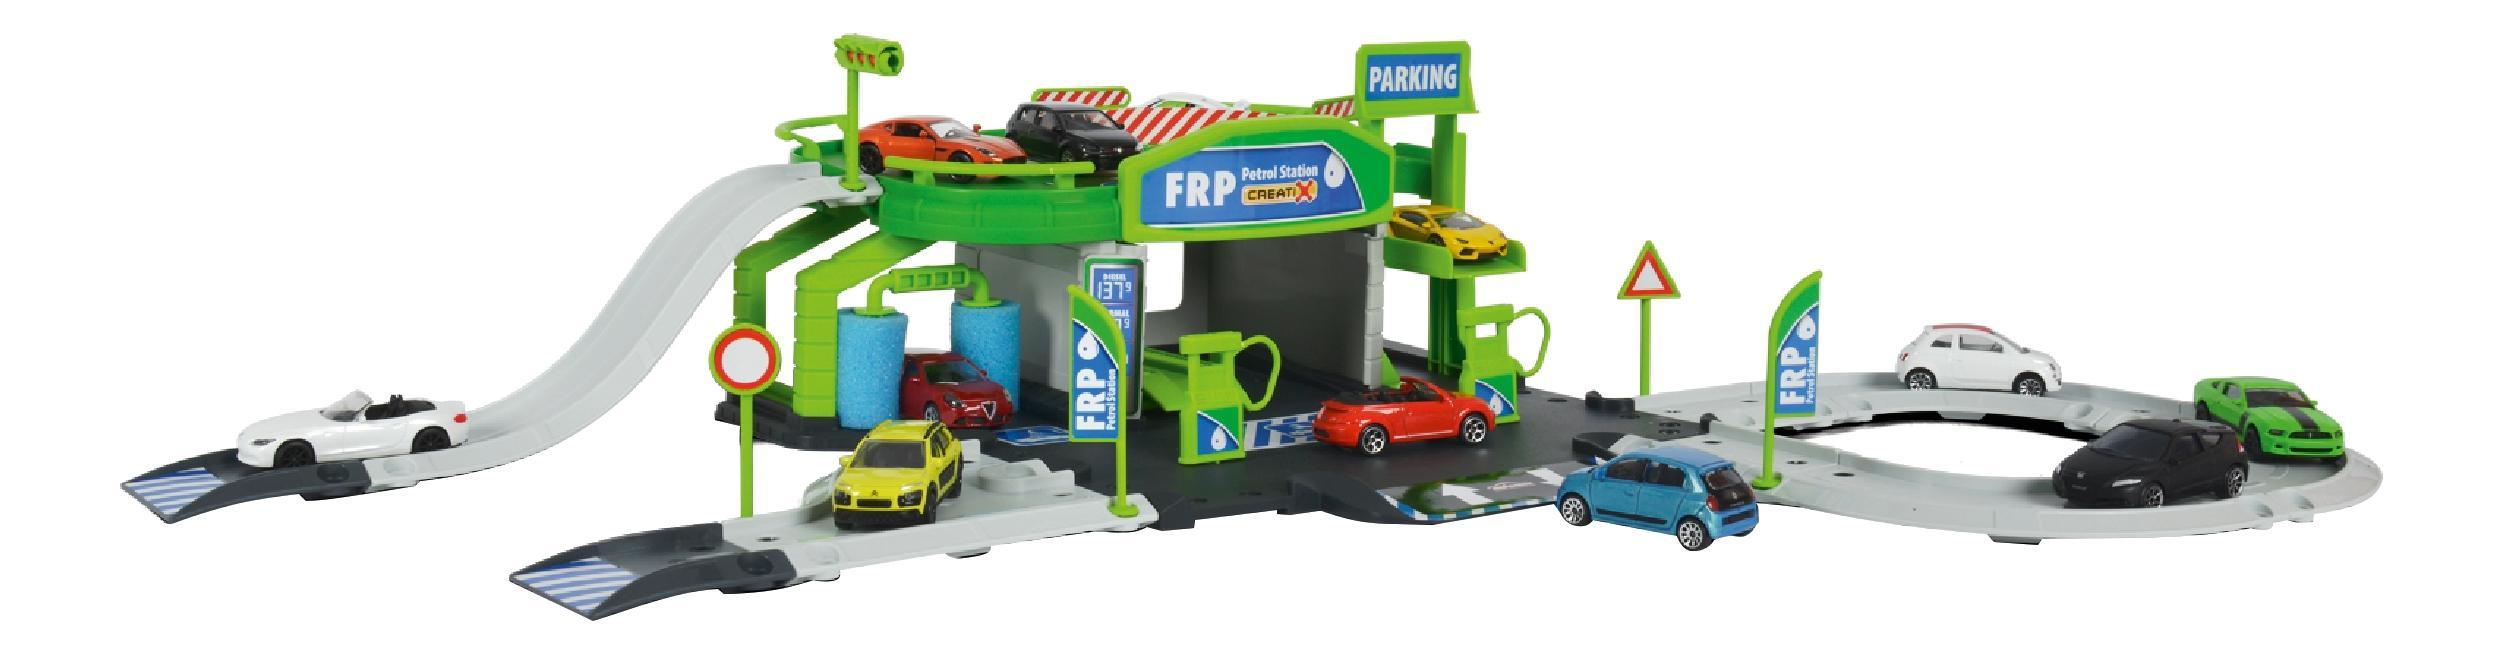 Купить Заправочная станция Creatix, Заправочная станция Majorette Creatix + 1 авто,